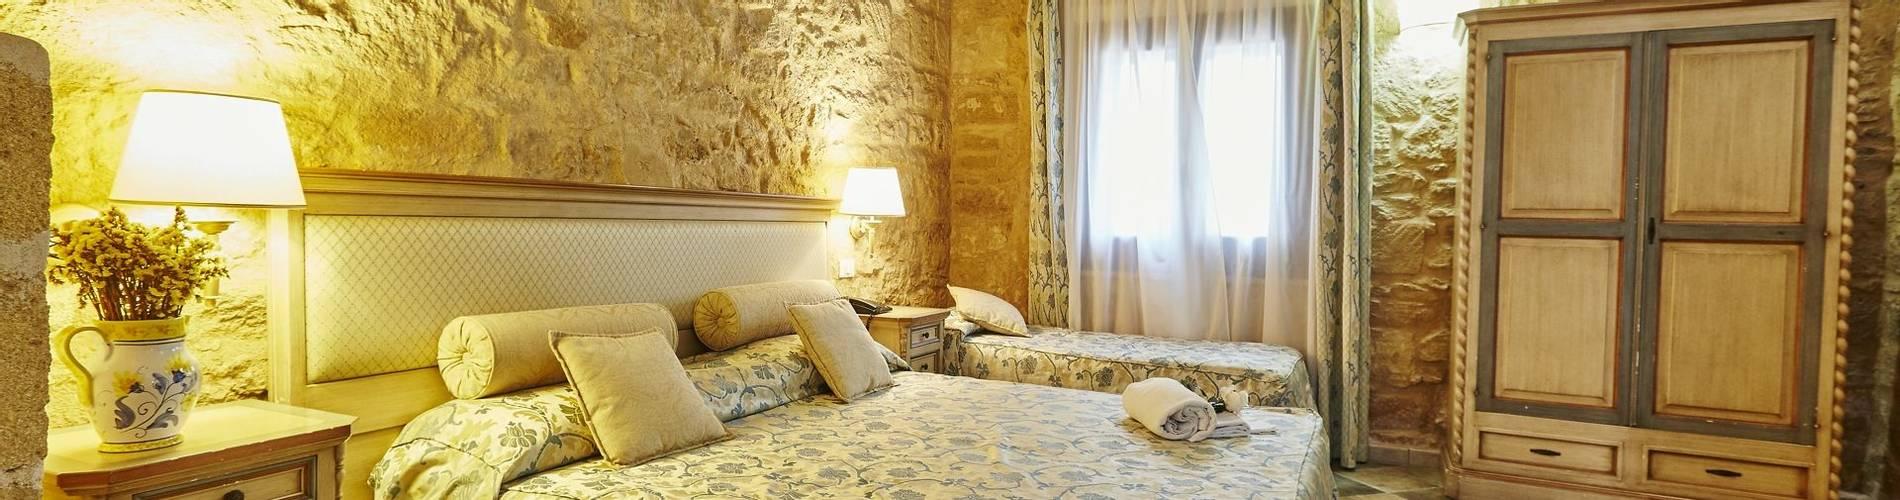 Baglio Donna Franca, Sicily, Italy, Deluxe.JPG